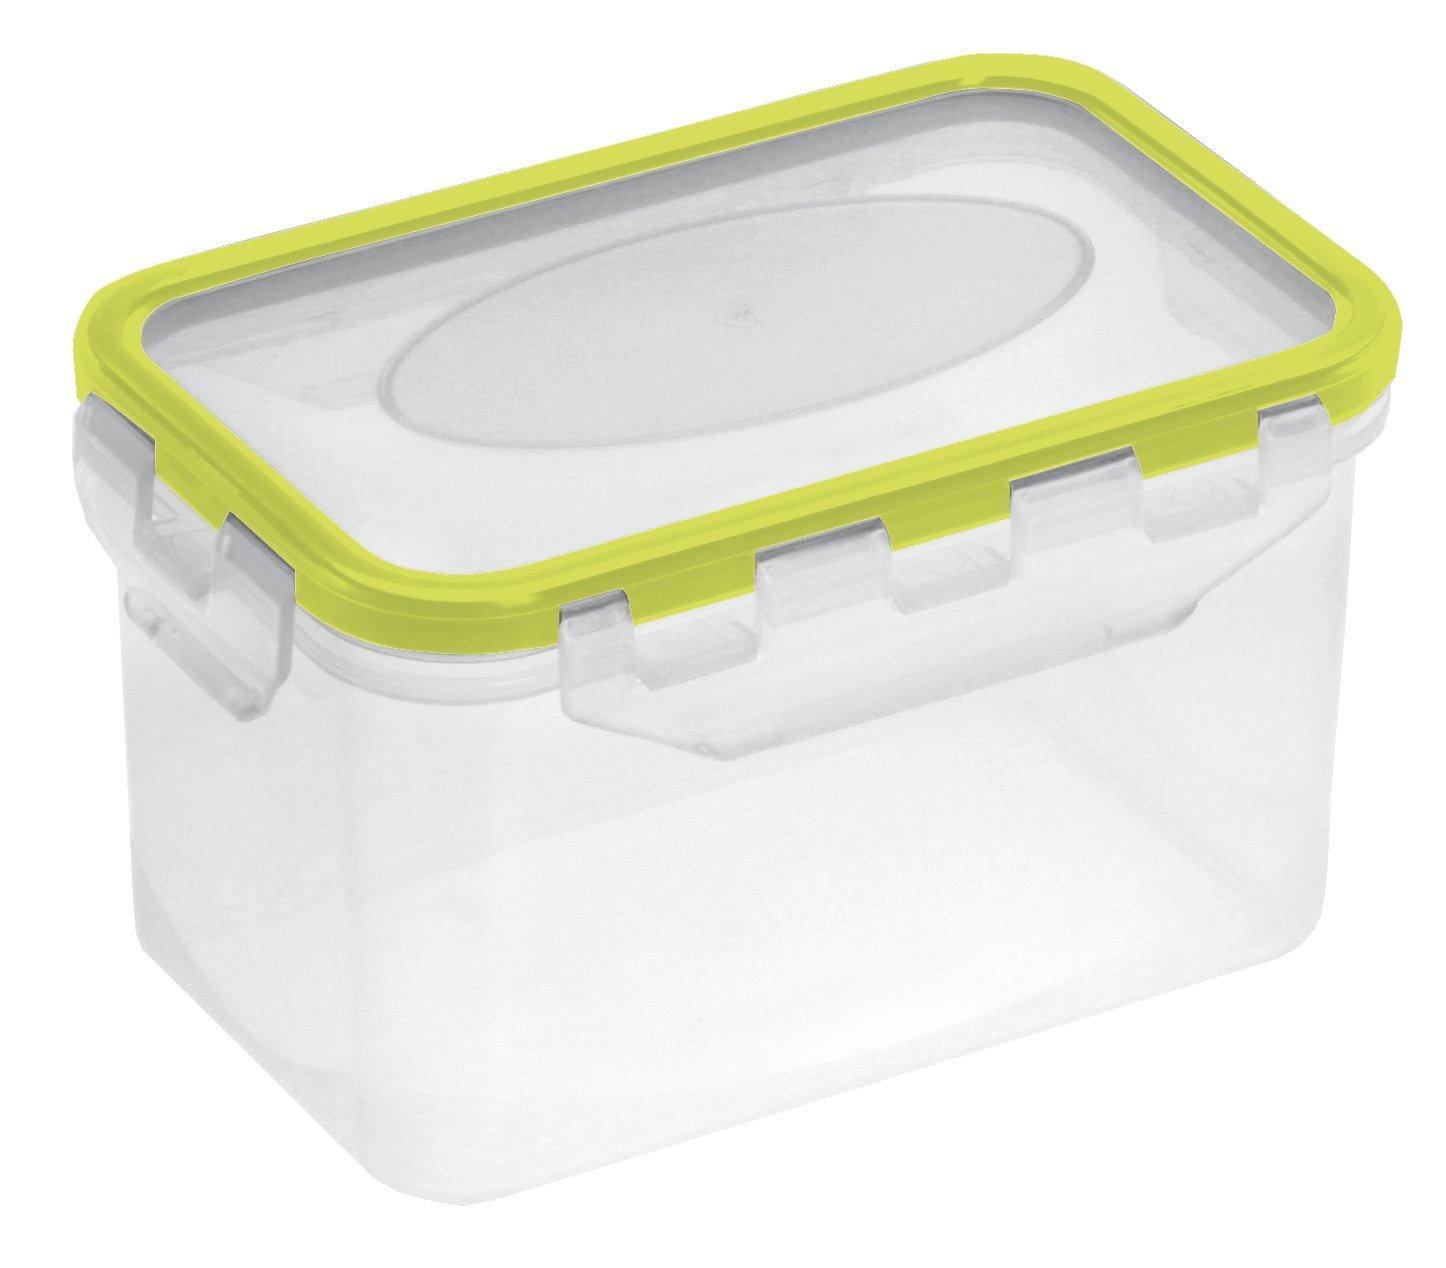 Billede af Madboks på 0.7 liter model Airtight - Lime